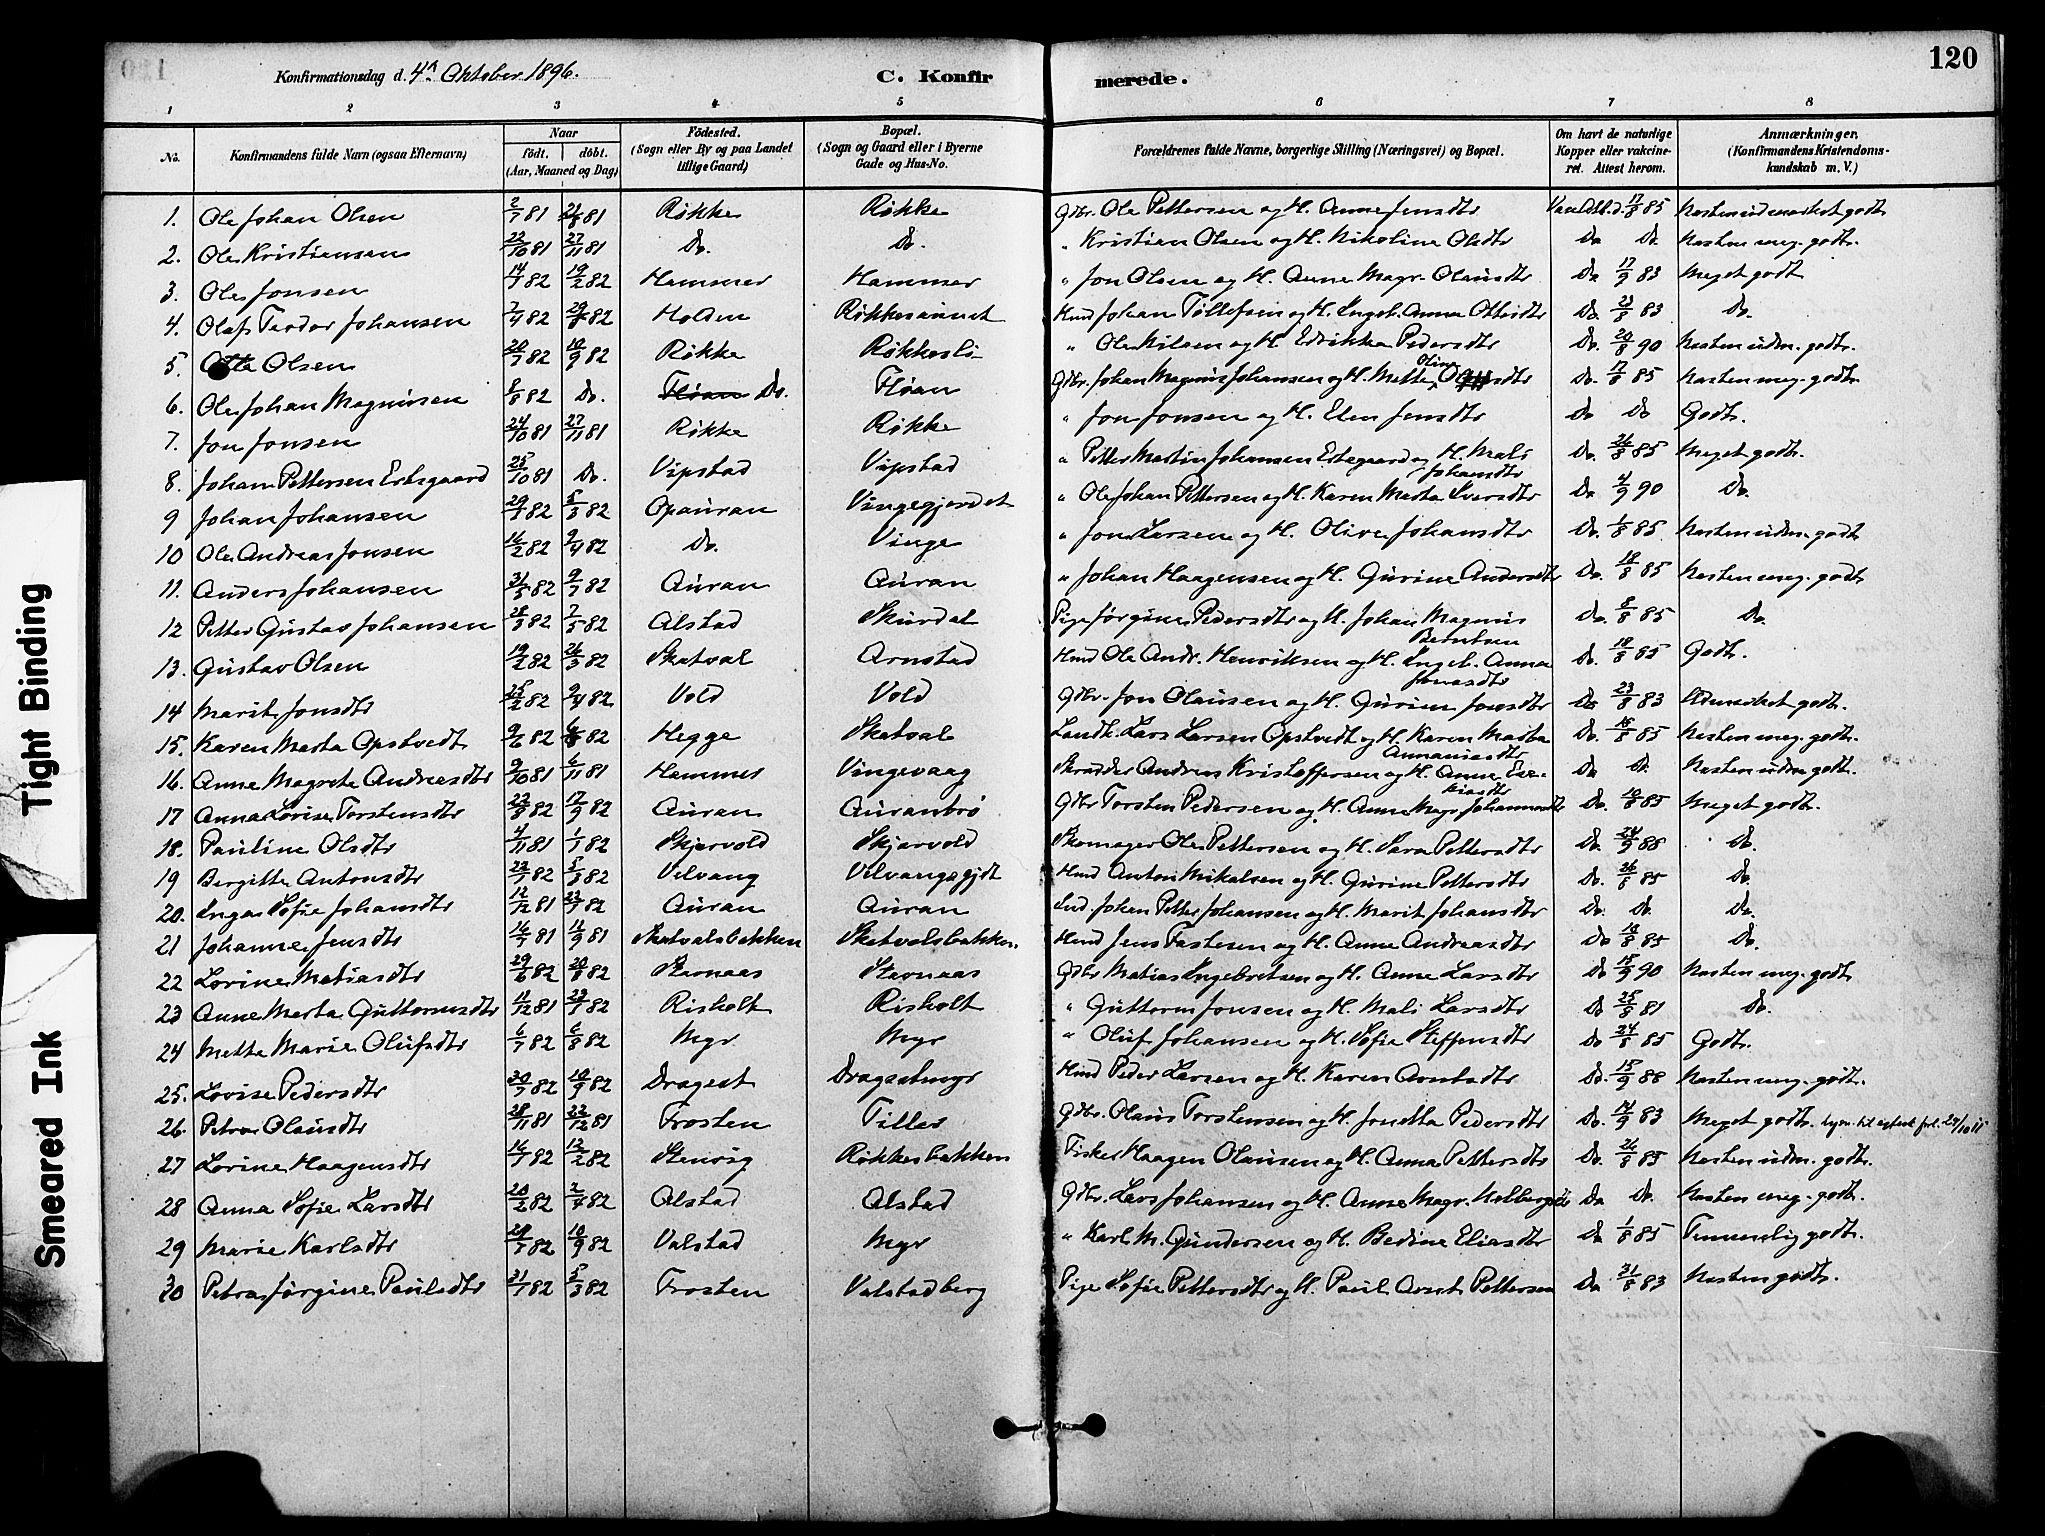 SAT, Ministerialprotokoller, klokkerbøker og fødselsregistre - Nord-Trøndelag, 712/L0100: Ministerialbok nr. 712A01, 1880-1900, s. 120